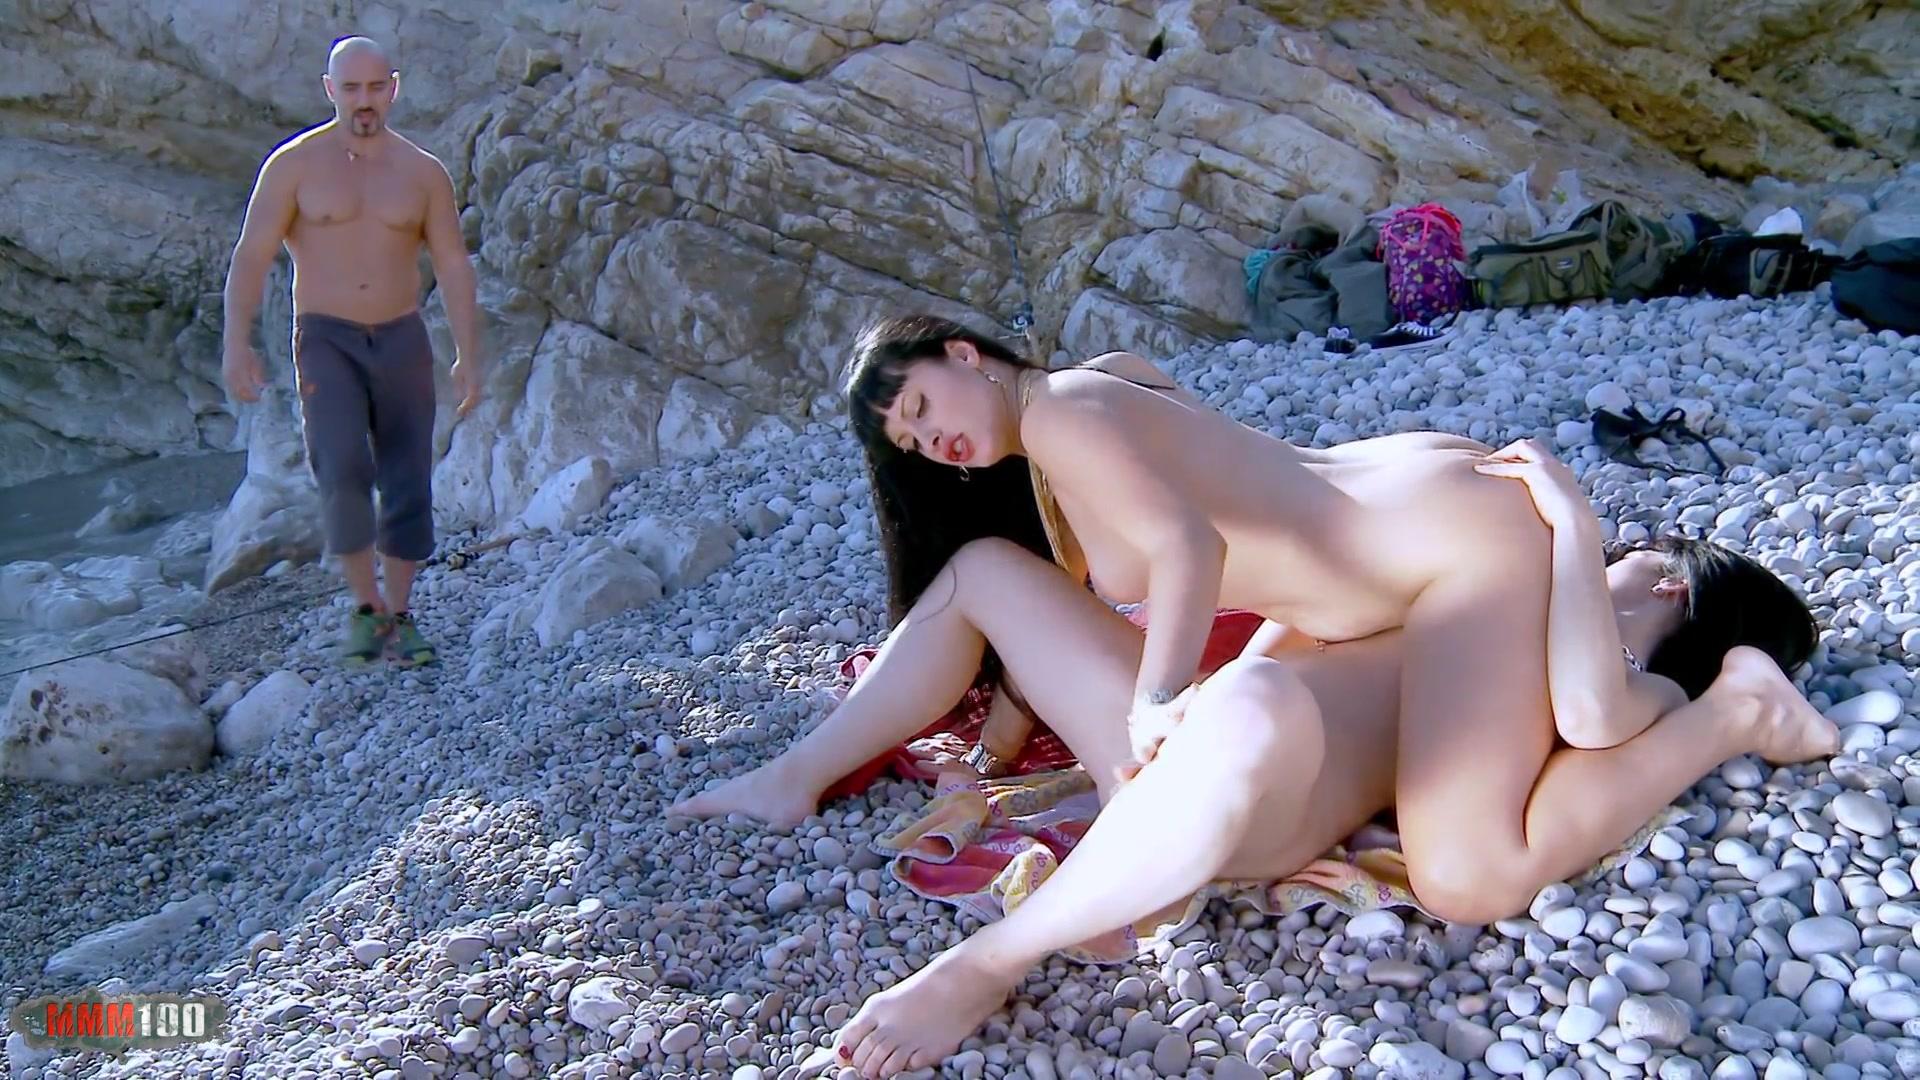 Nadia Da Ferro Porno Online Alluc nadia daferro gallery : assfucked at the beach